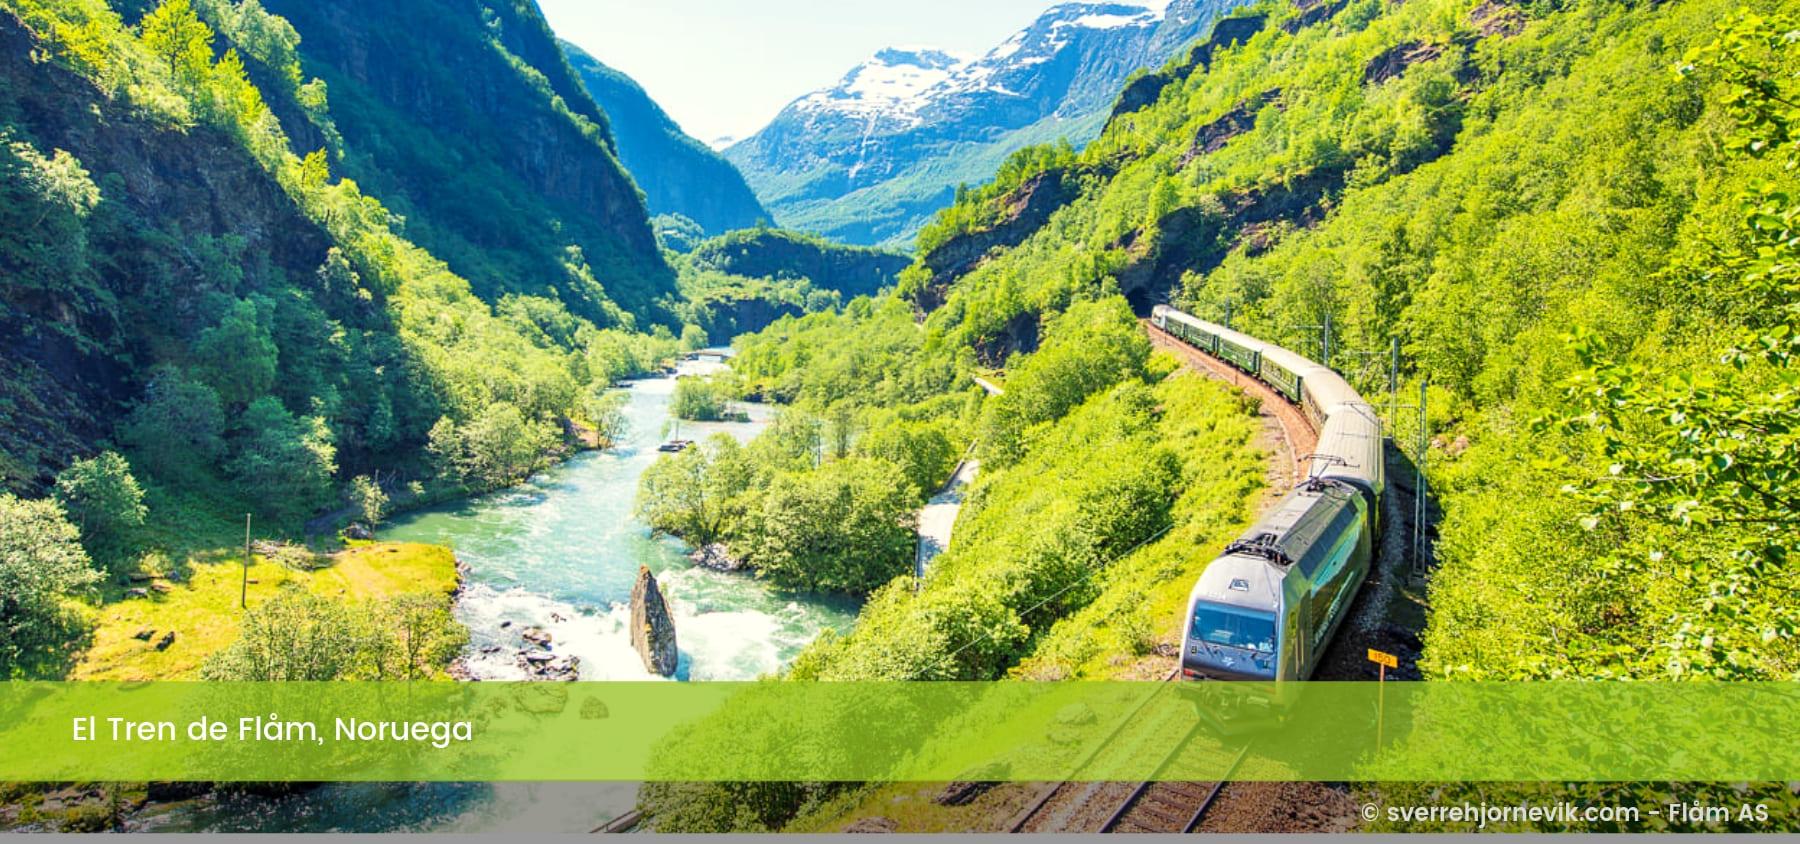 El Tren de Flåm Noruega